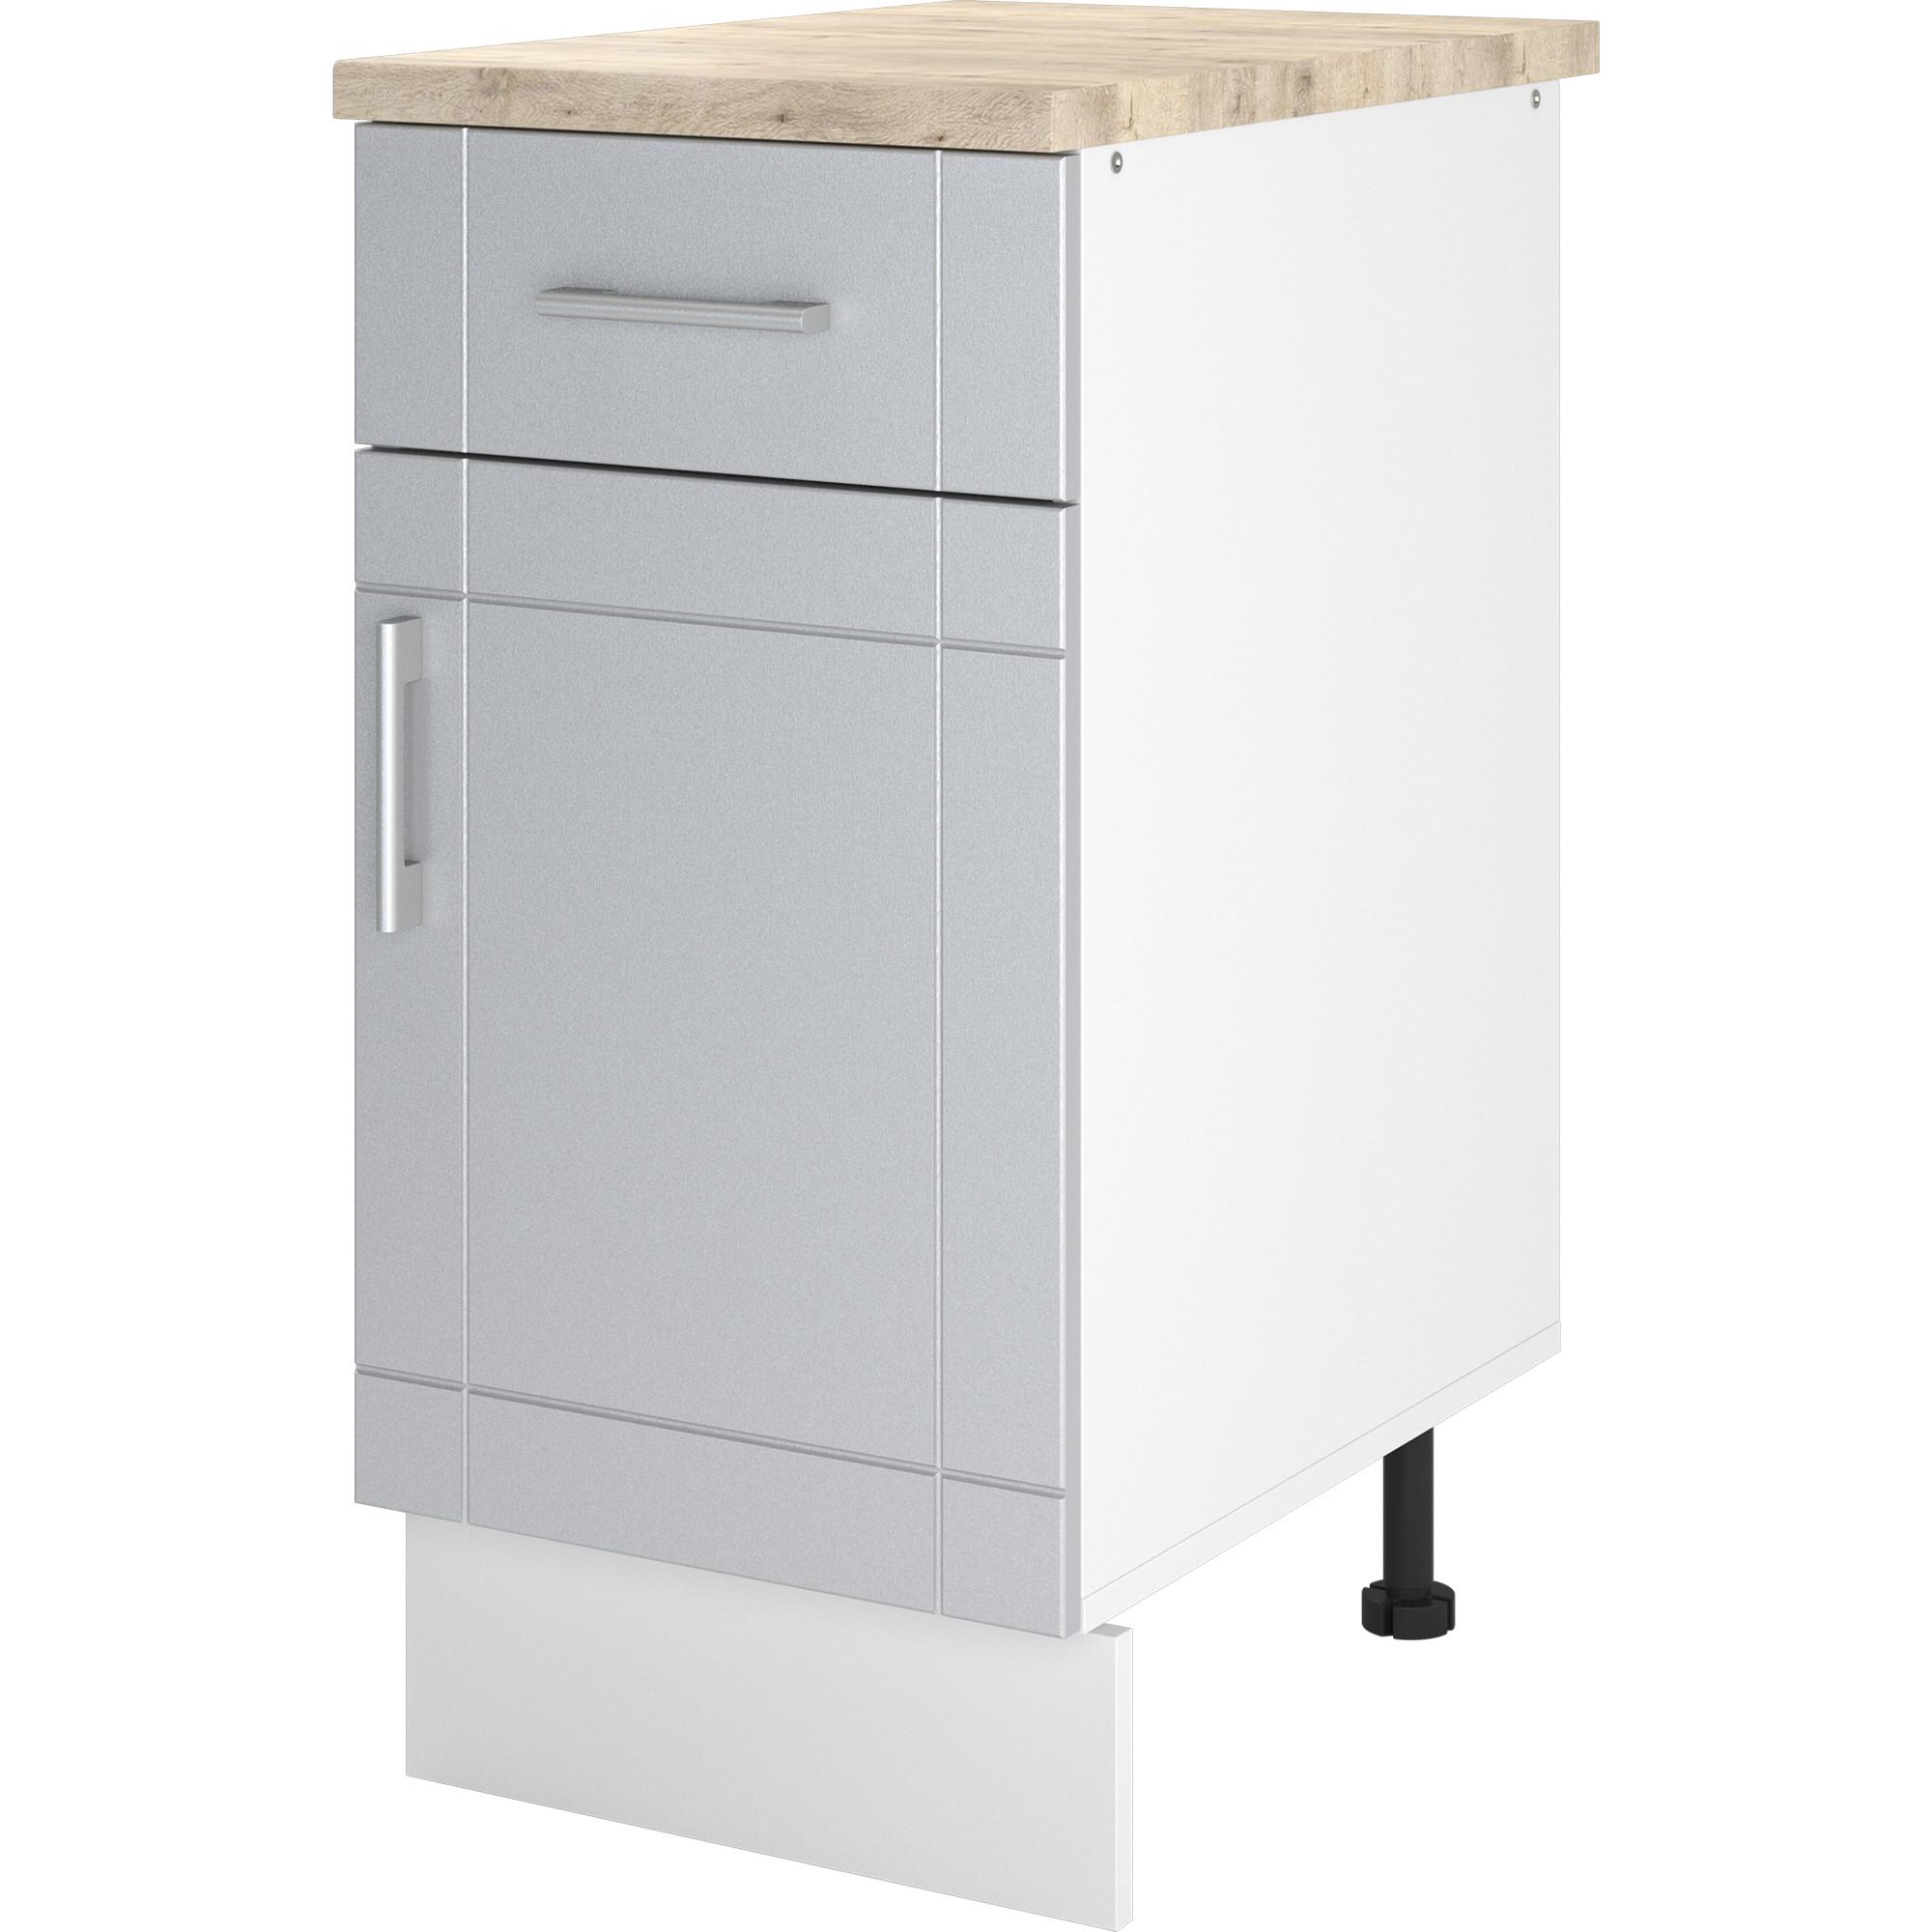 """Шкаф напольный """"Тортора"""" с одним ящиком 40x86x60 см, МДФ, цвет серый"""